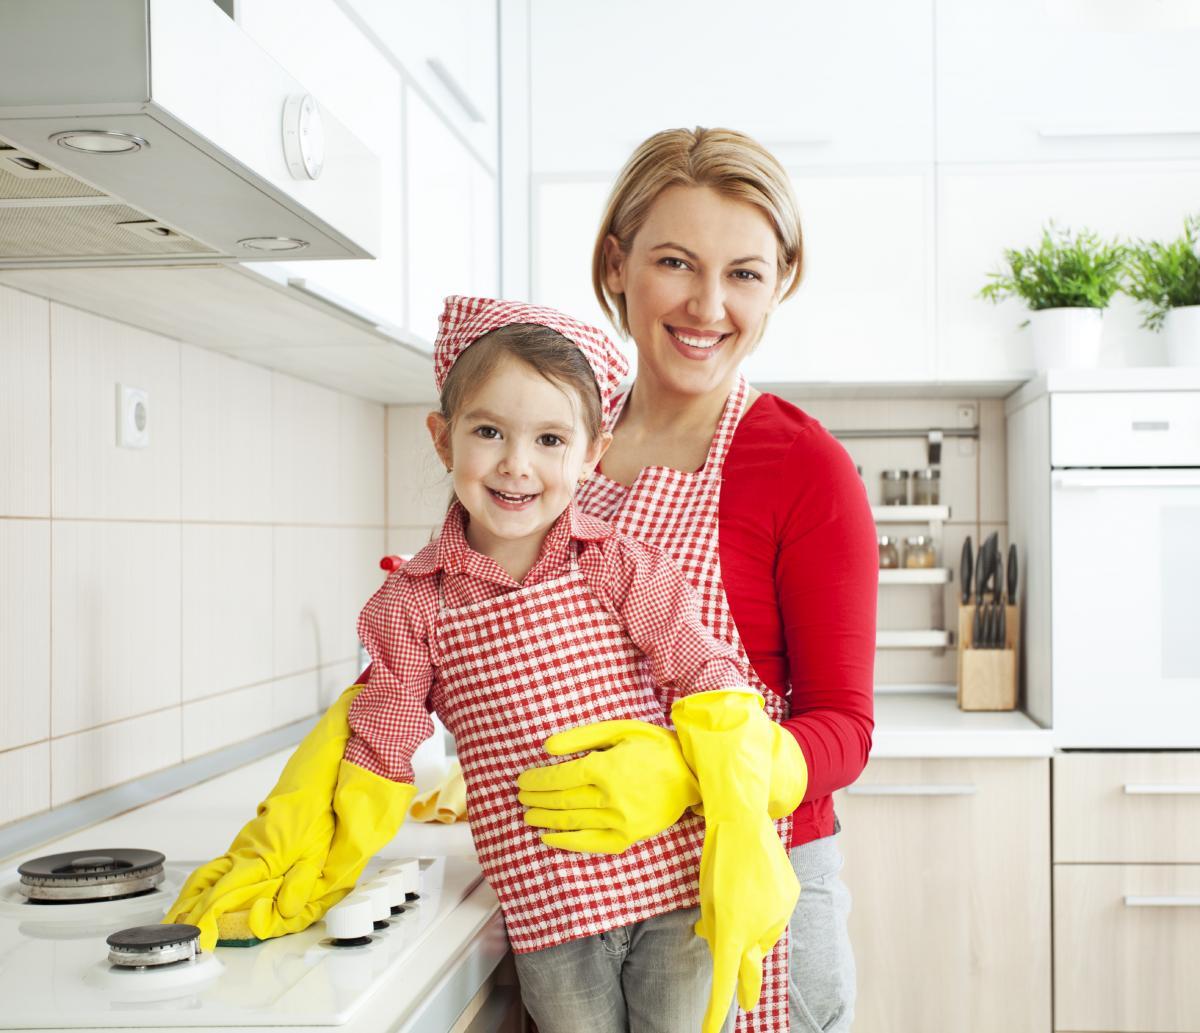 Ne tako davno i naše su bake čistile ovim sredstvima, zašto tome ne biste poučili i svoju djecu!?